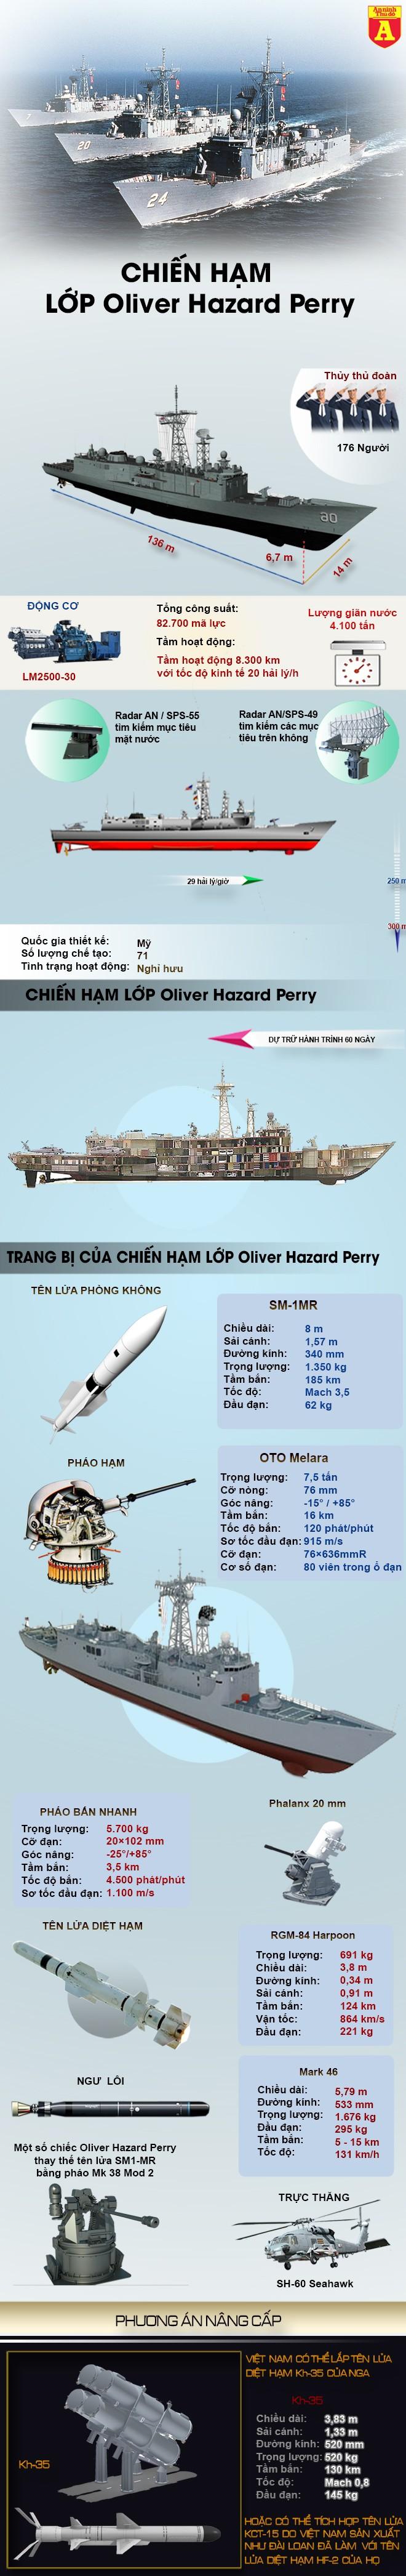 """[Infographic] Mỹ chuyển giao chiến hạm """"đánh mãi không chìm"""" cho Việt Nam? ảnh 2"""